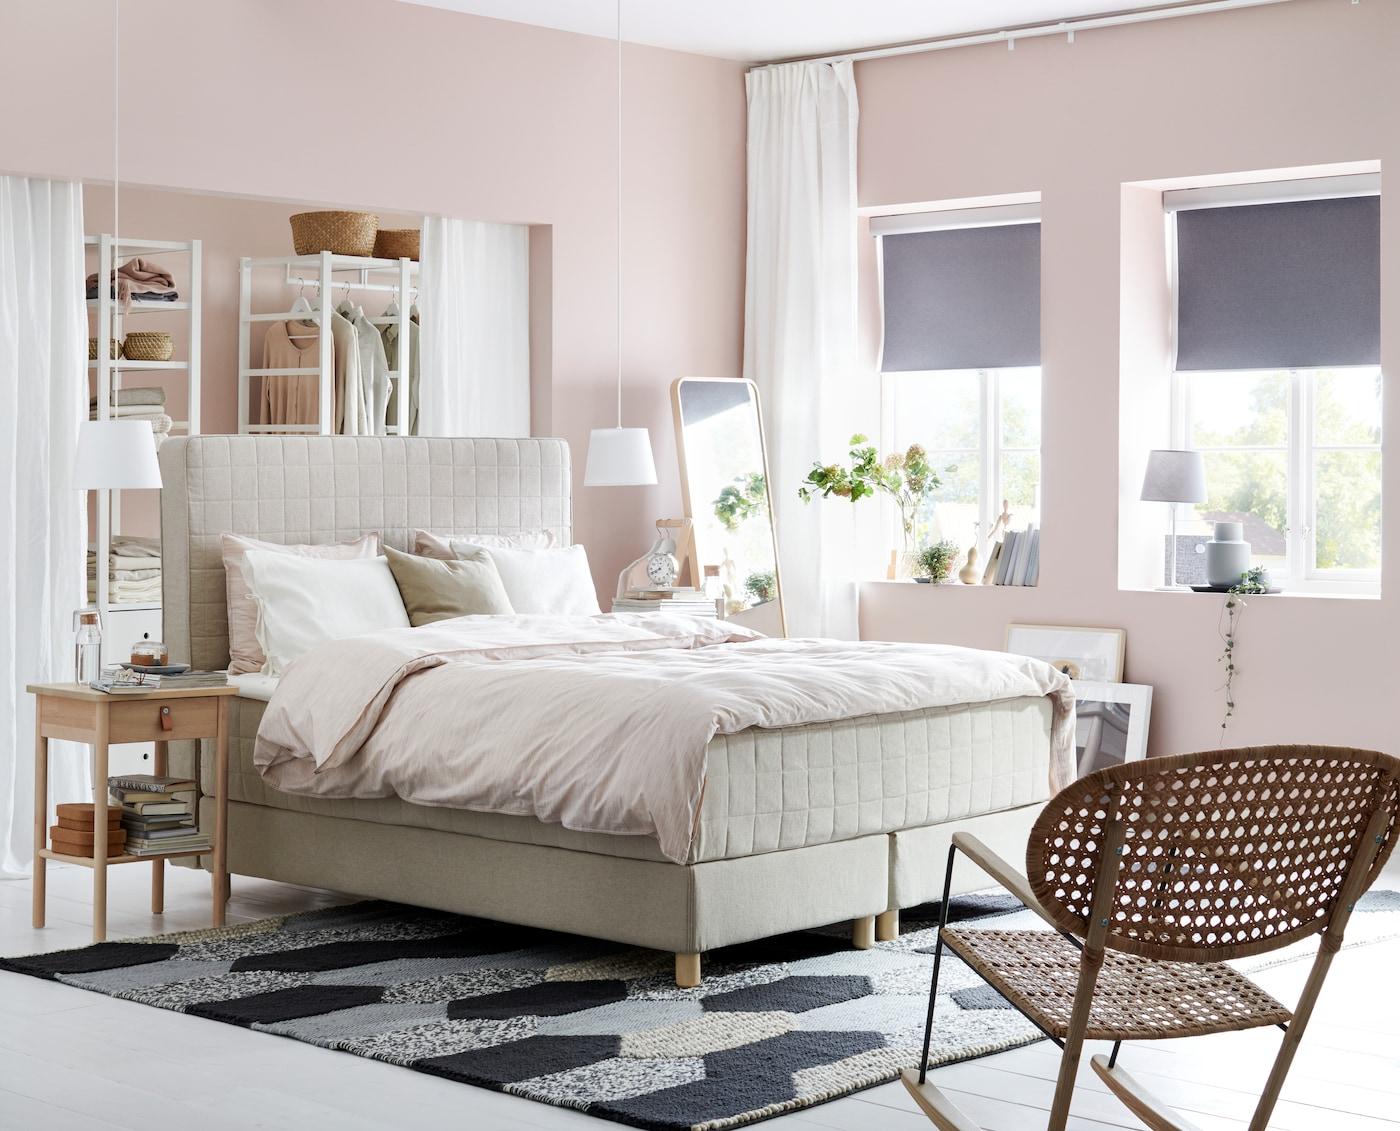 Verwonderlijk Slaapkamer inrichten? Onze ultieme tips - IKEA OI-74